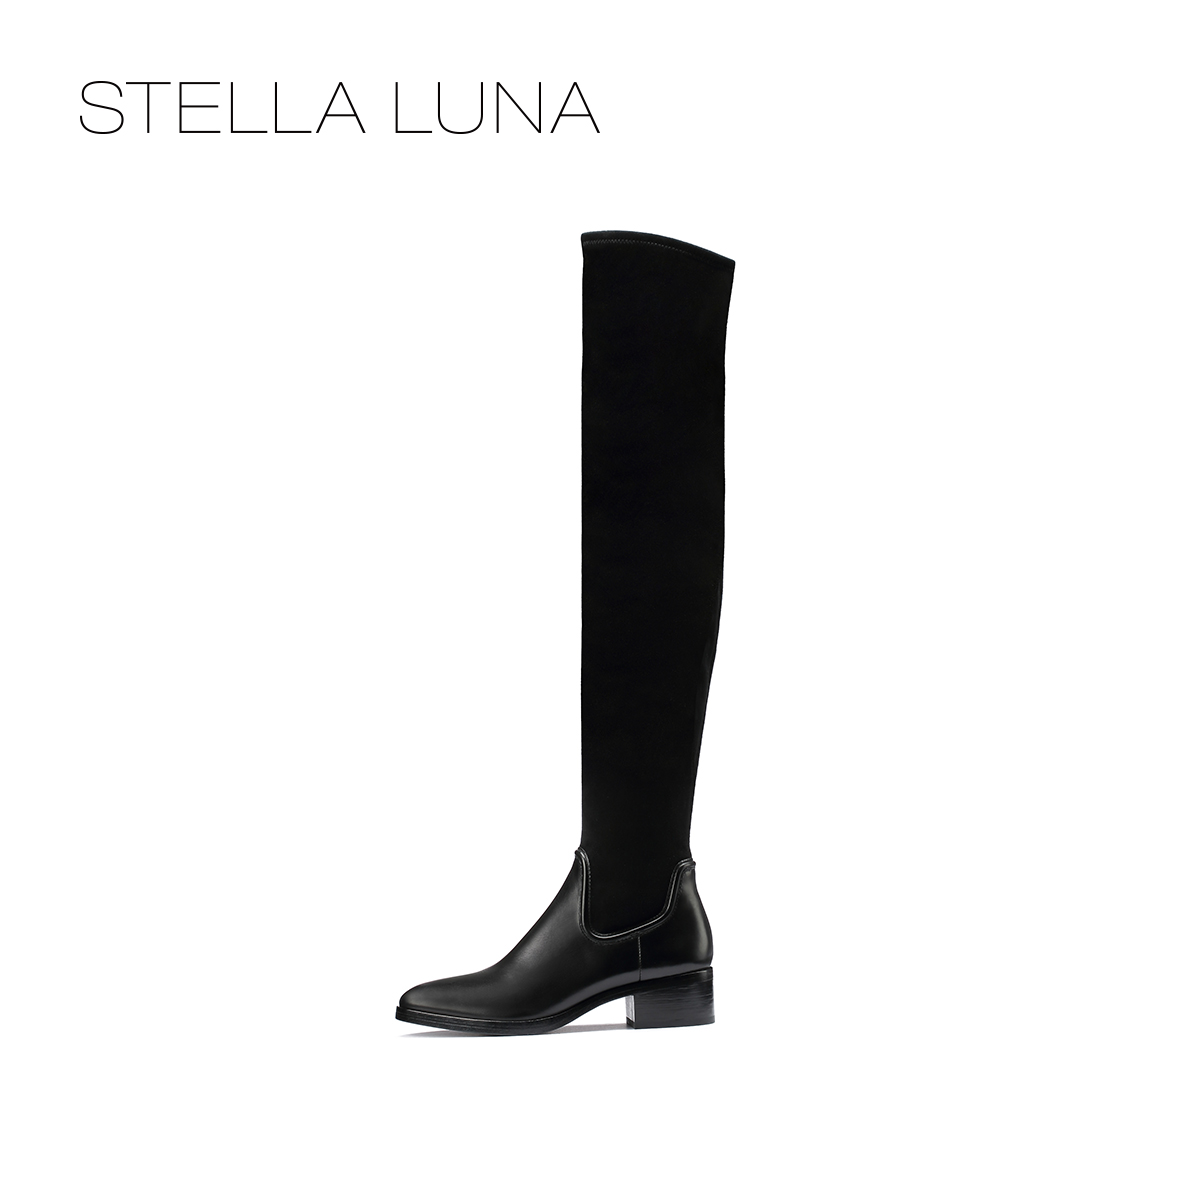 STELLA LUNA秋冬女士长筒靴 圆头方跟拼接过膝靴 SF301C22670-